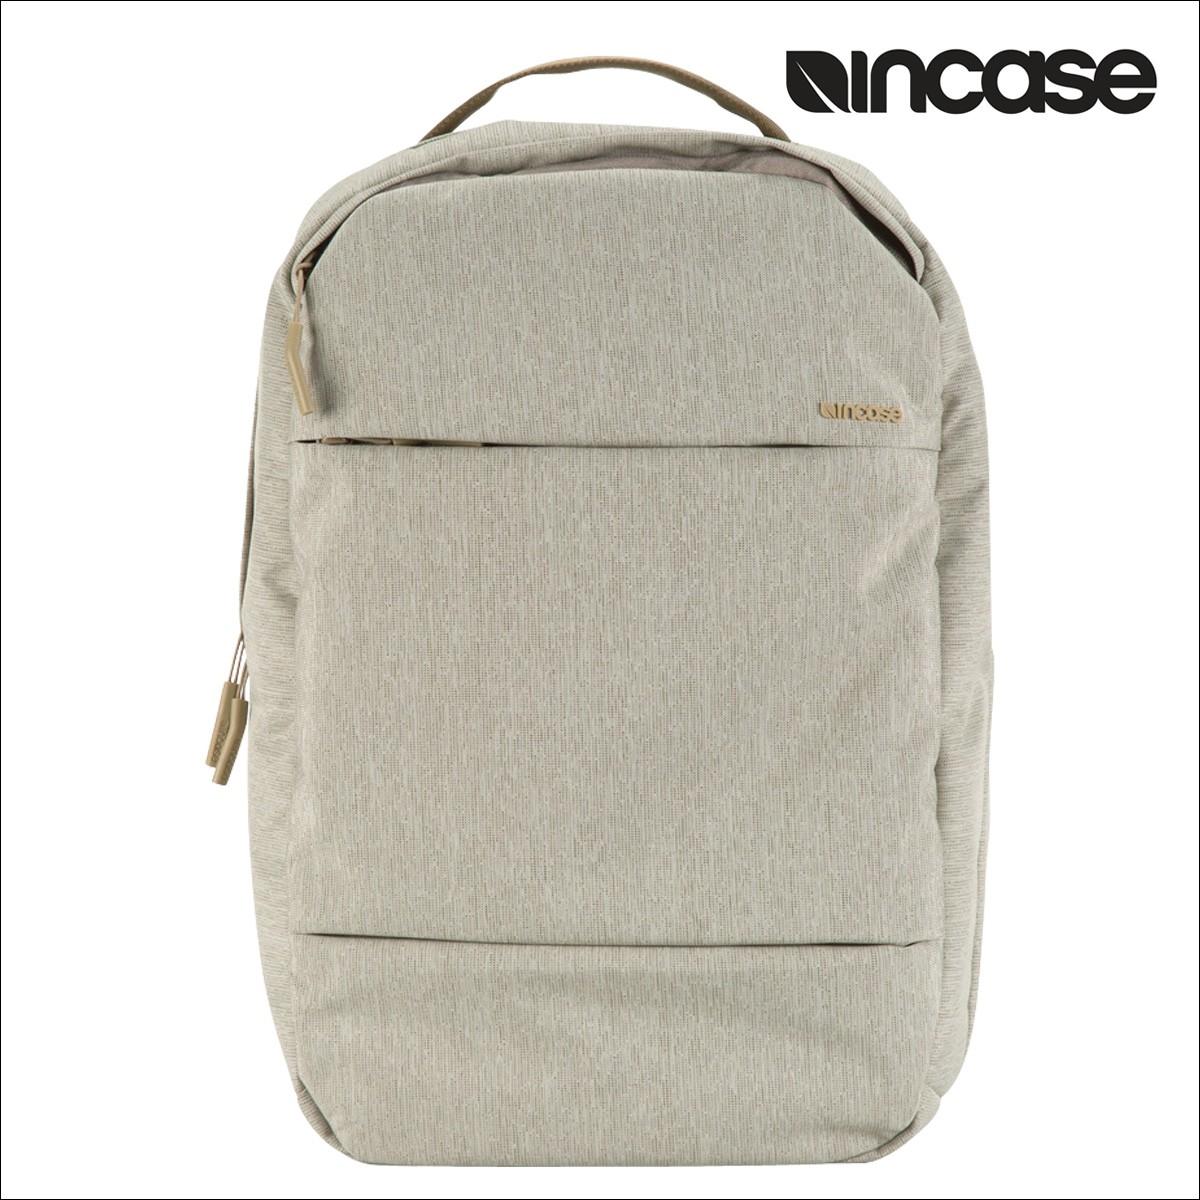 INCASE インケース バックパック バック リュック パソコンバッグ PCケース 15インチ CITY COMPACT BACKPACK INCO100150 メンズ レディース カーキ [1/17 再入荷]